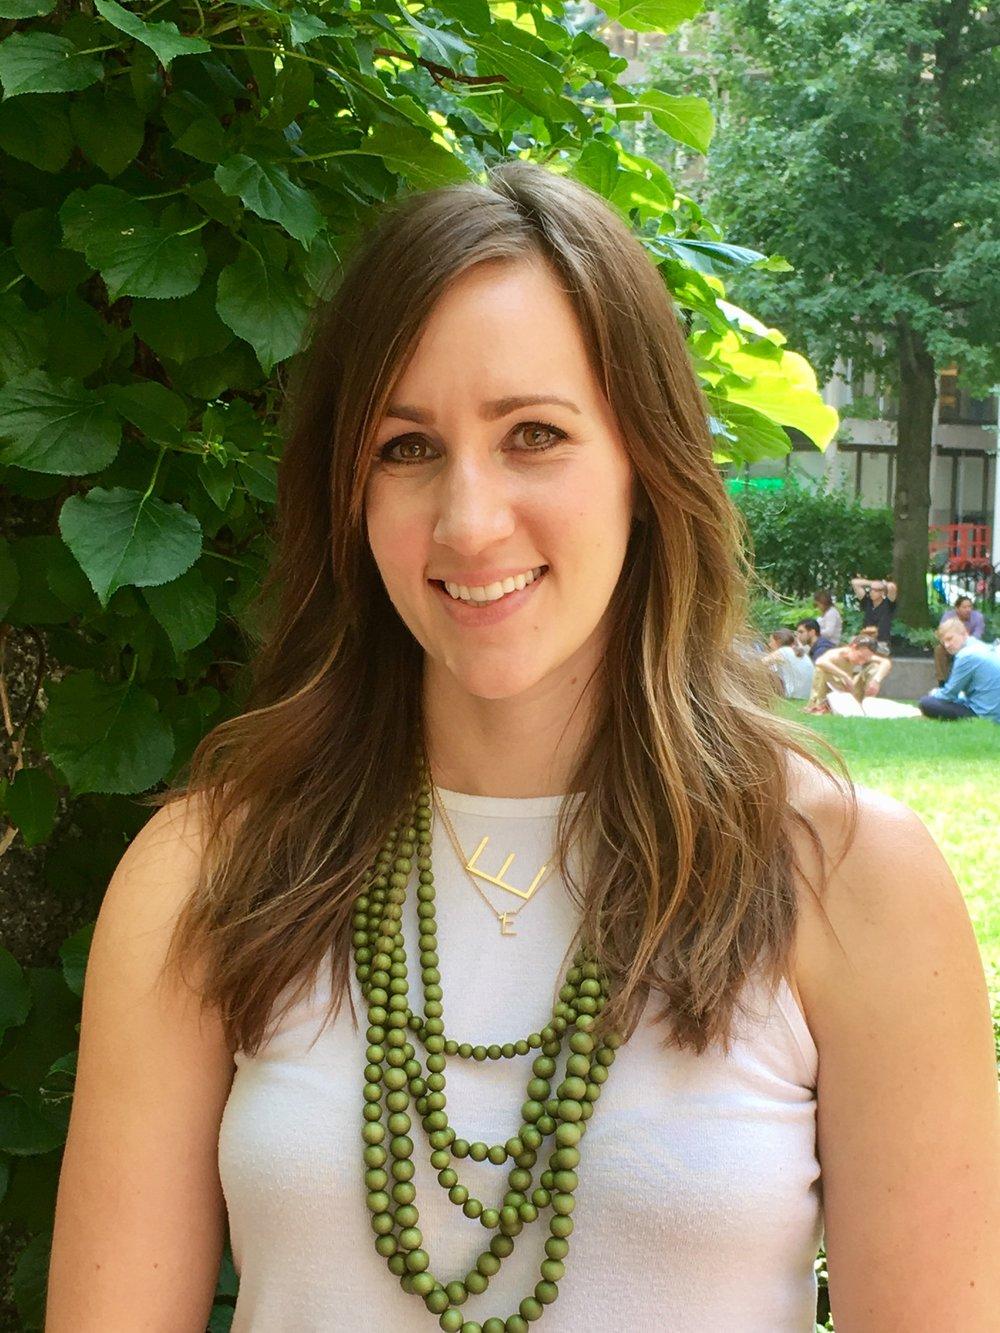 Elise Tjernagel - Higher Education Partnerships